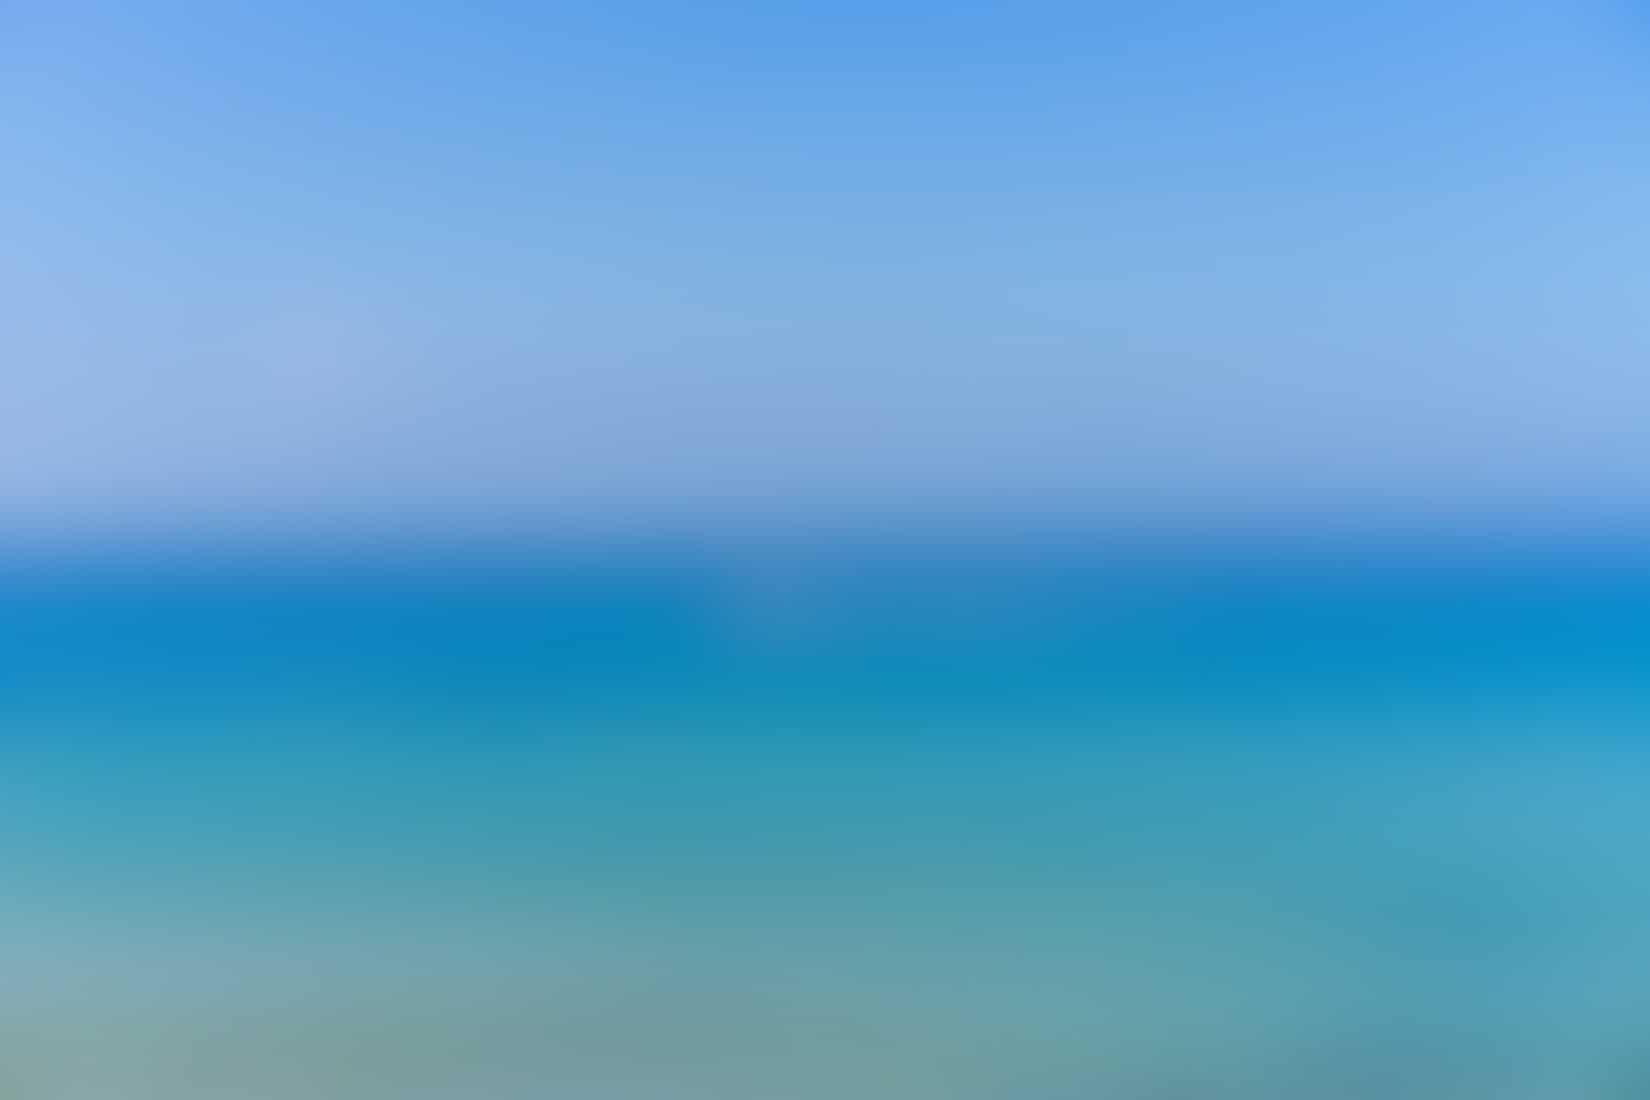 Teal and blue water in the Mediterranean beach in Tel Aviv, Israel